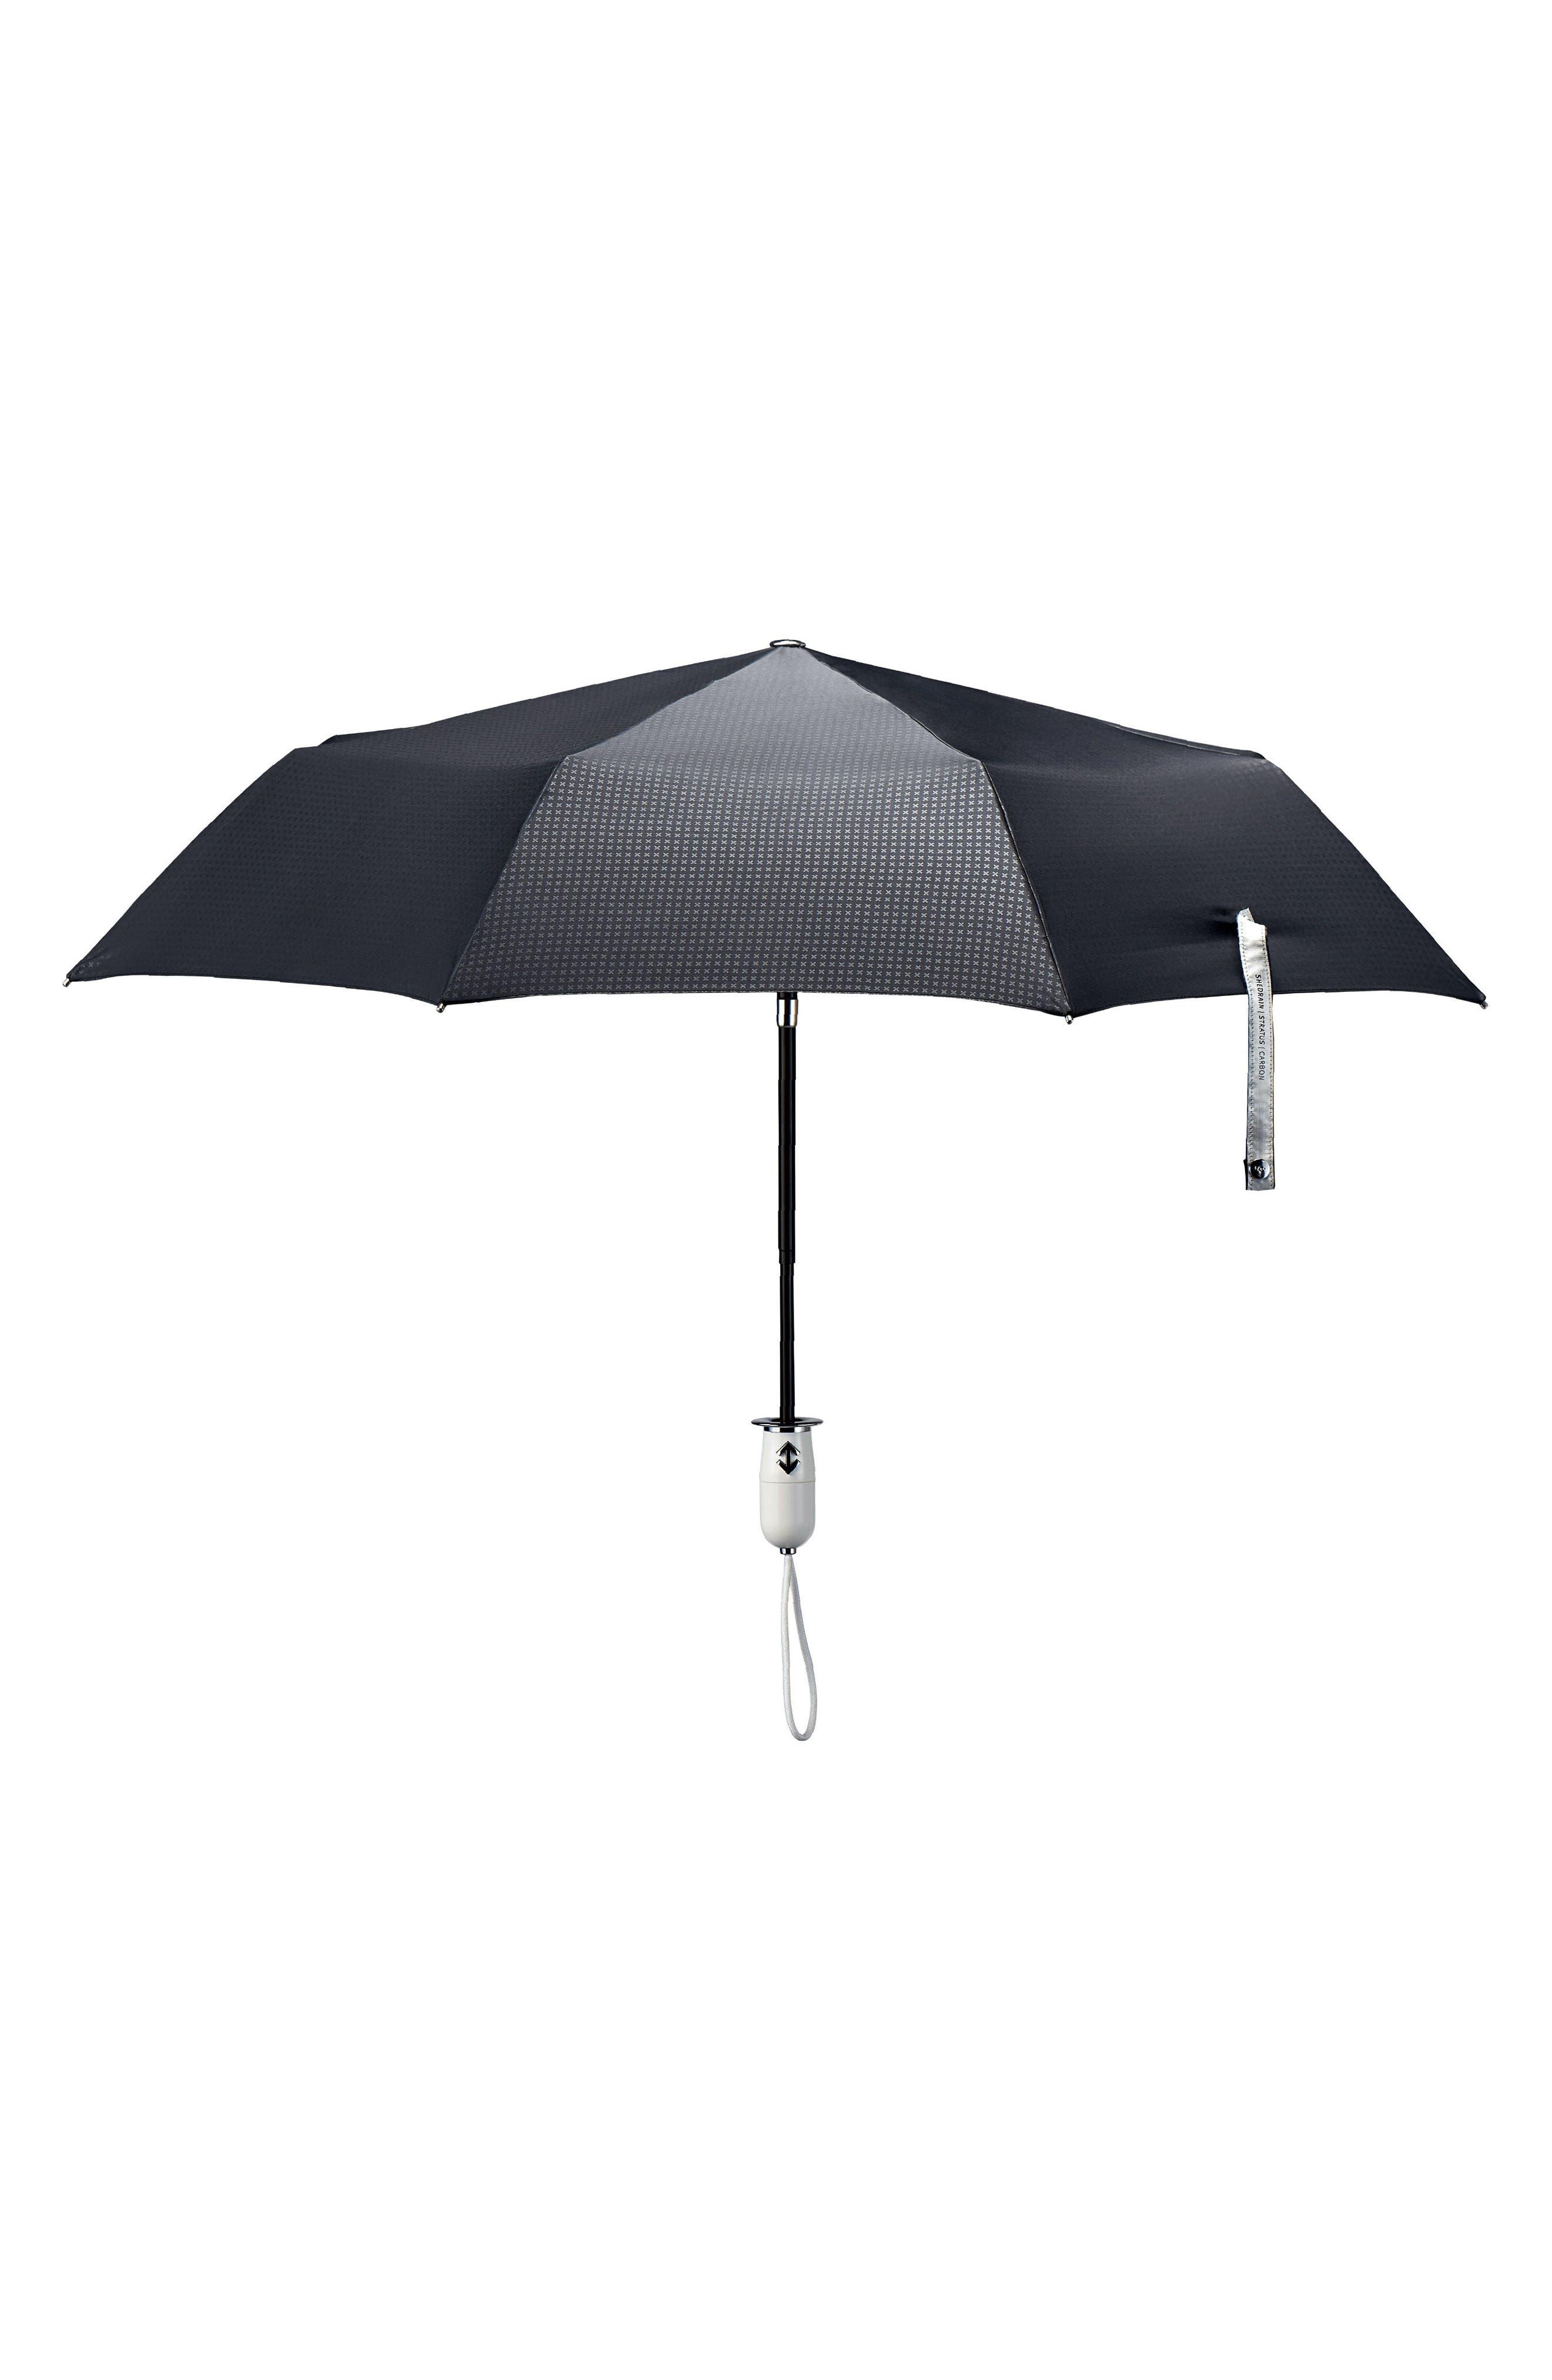 Stratus Auto Open Stick Umbrella,                         Main,                         color, Black/ Piano White